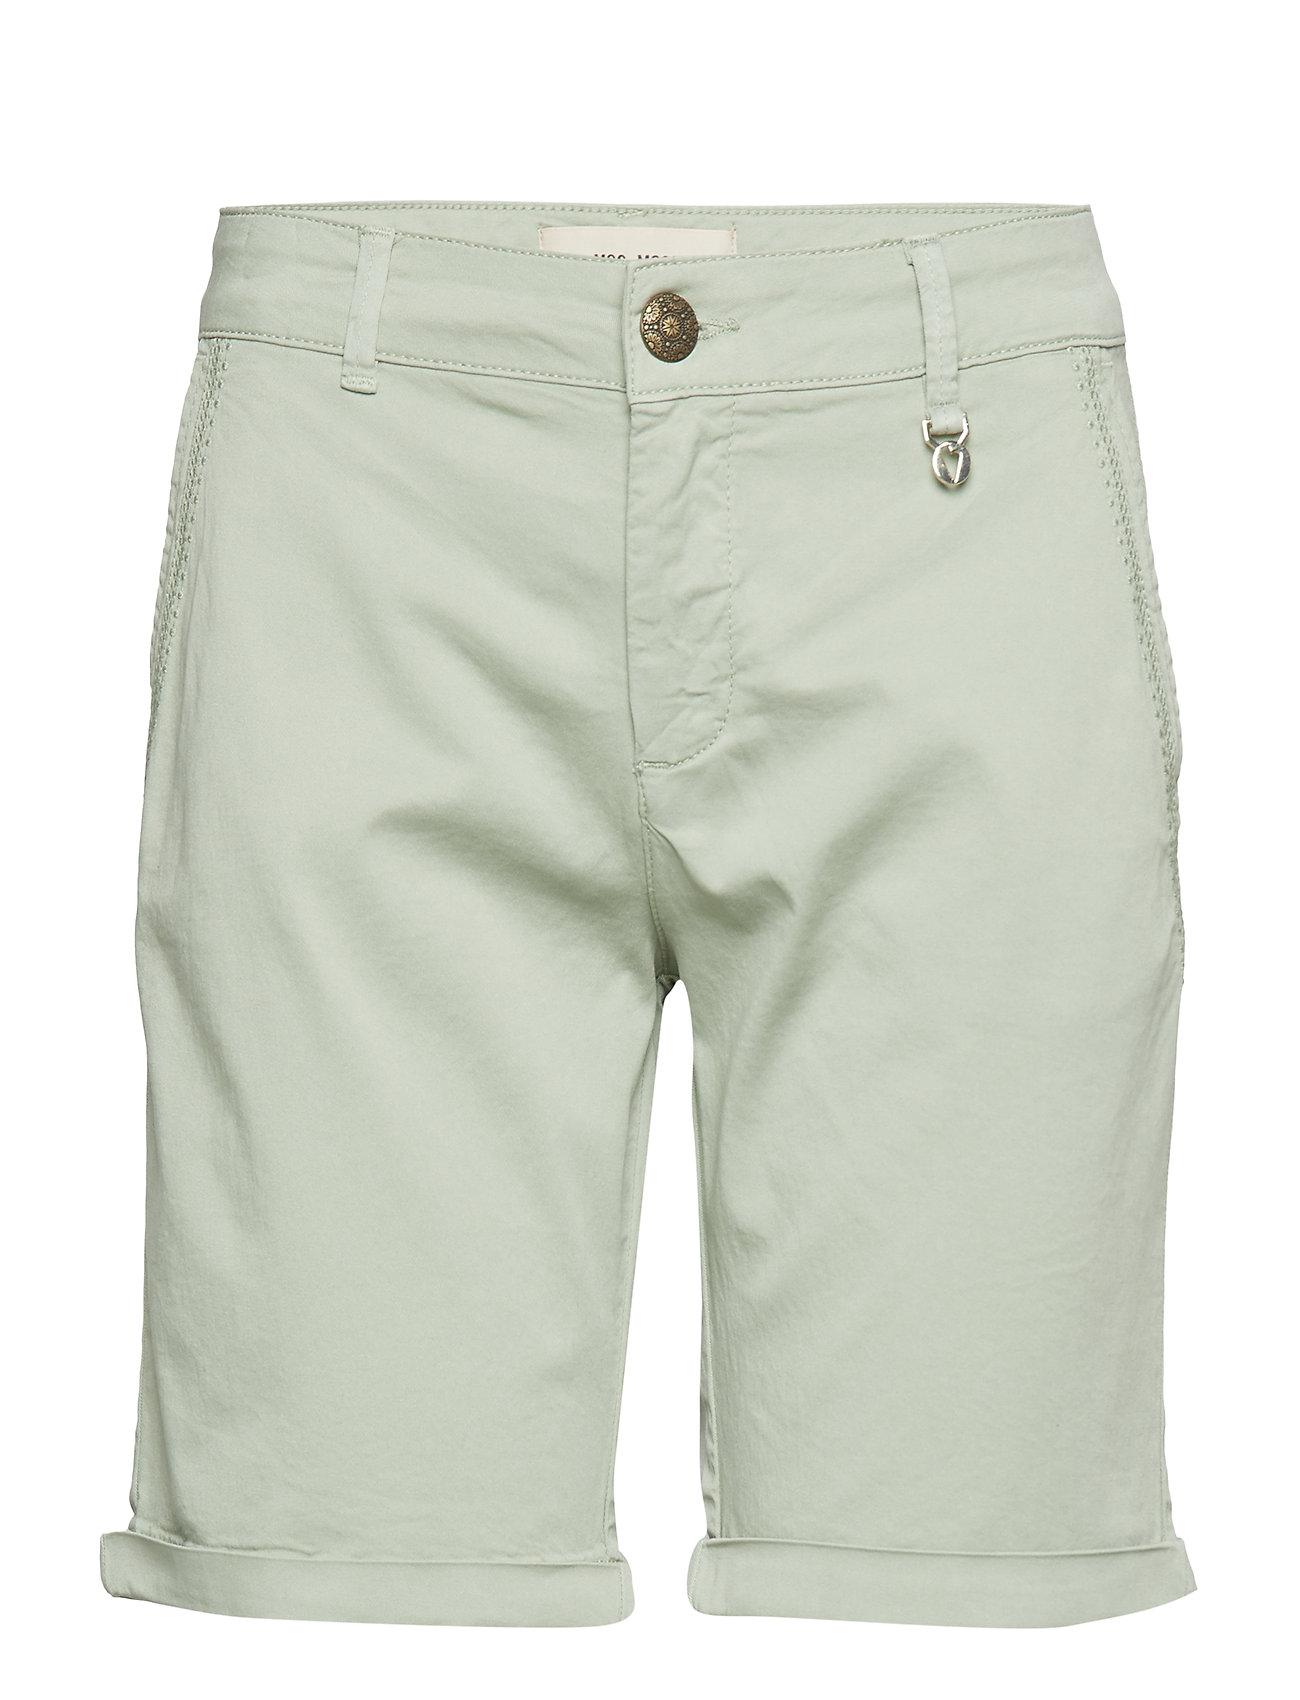 MOS MOSH Perry Chino Shorts